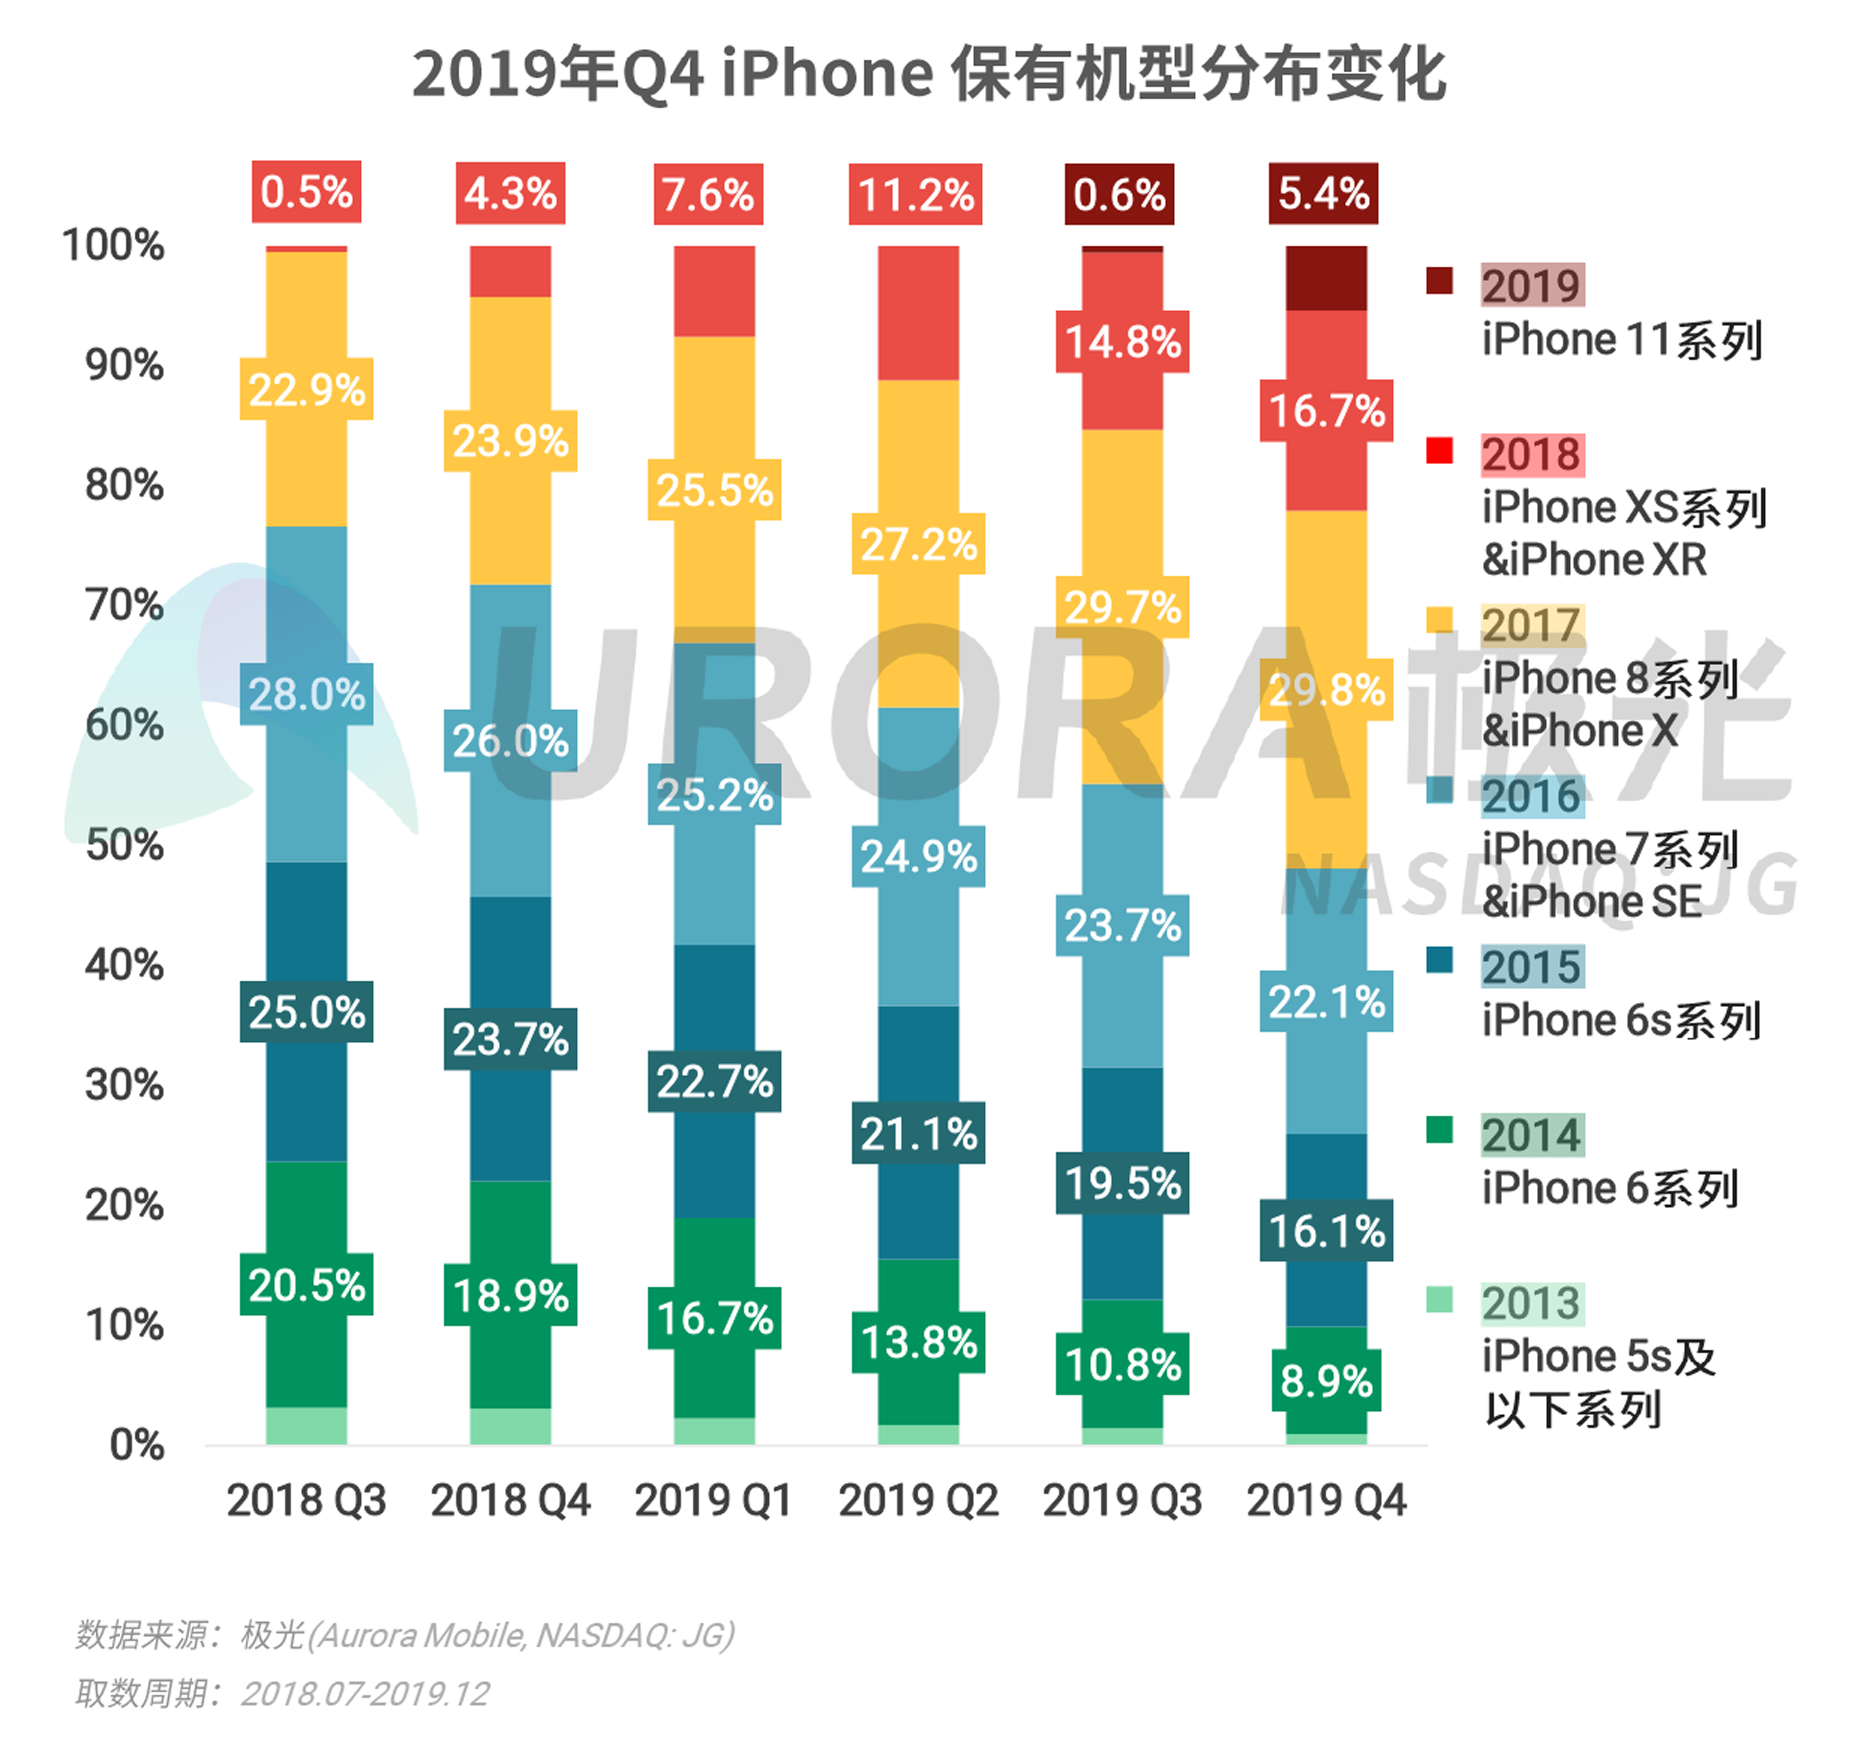 2019年Q4智能手机行业研究报告-V4---加粗版-15.png